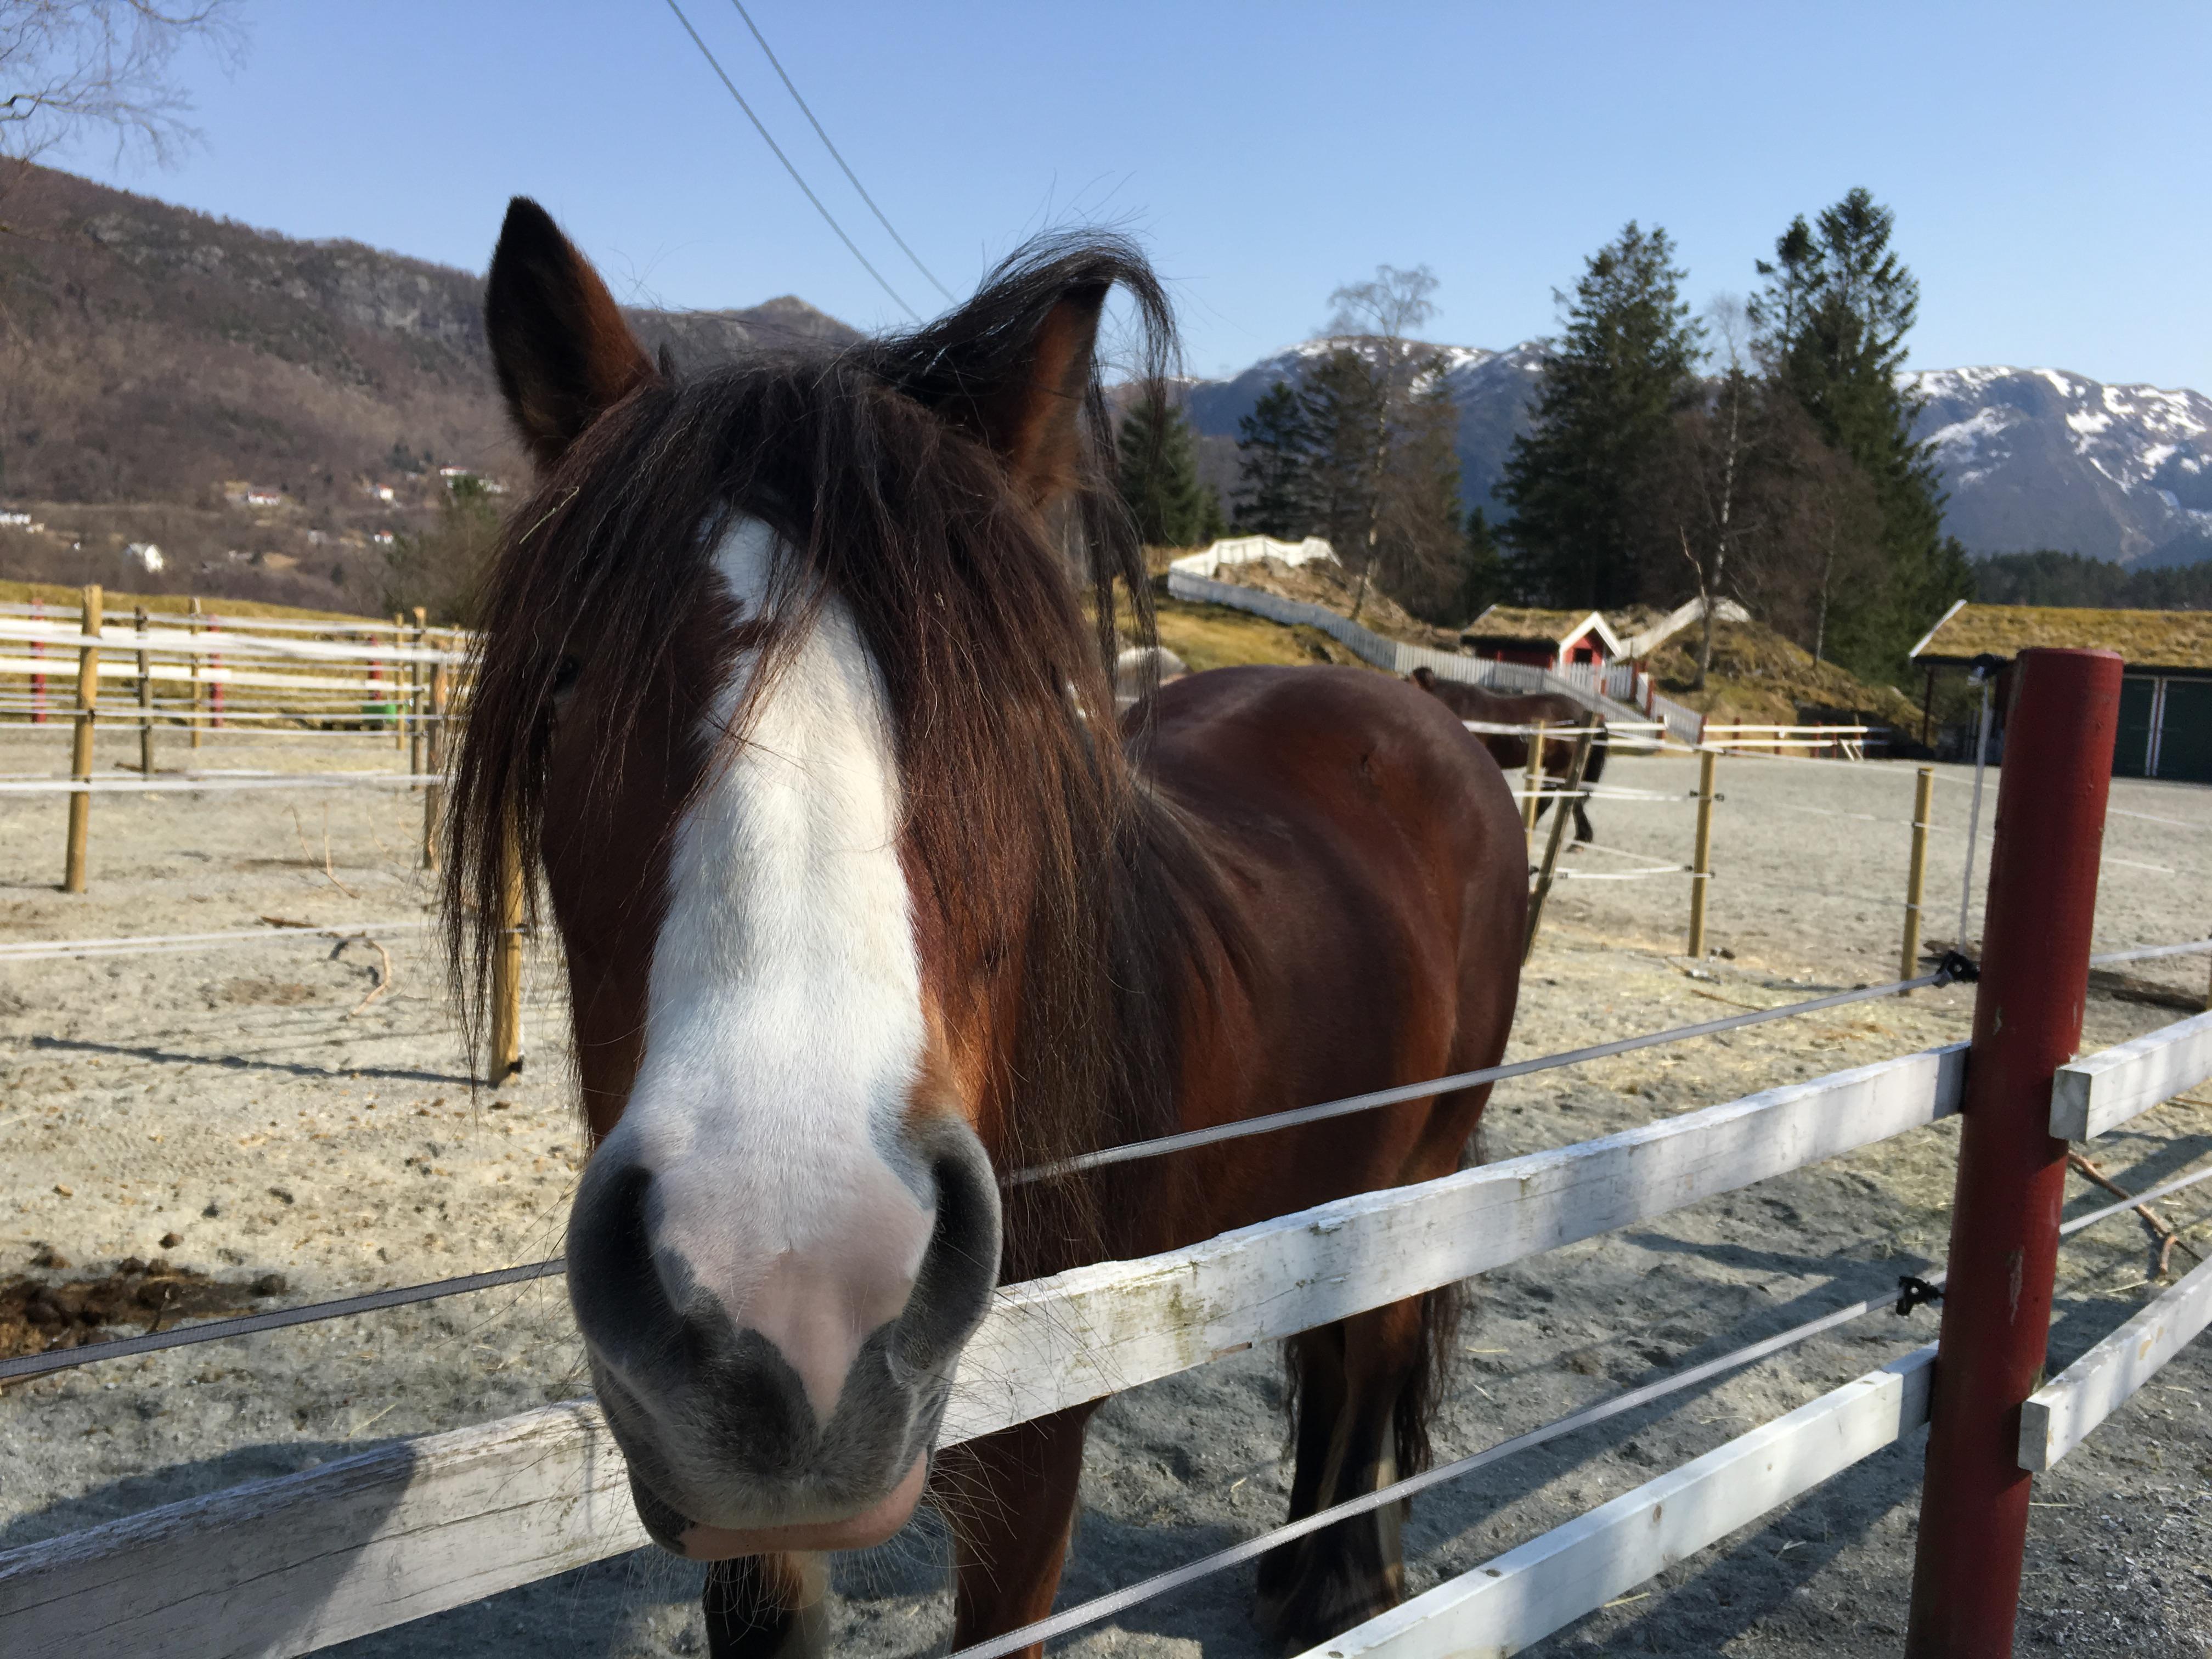 Hest på Øvre-Eide Gård i Bergen